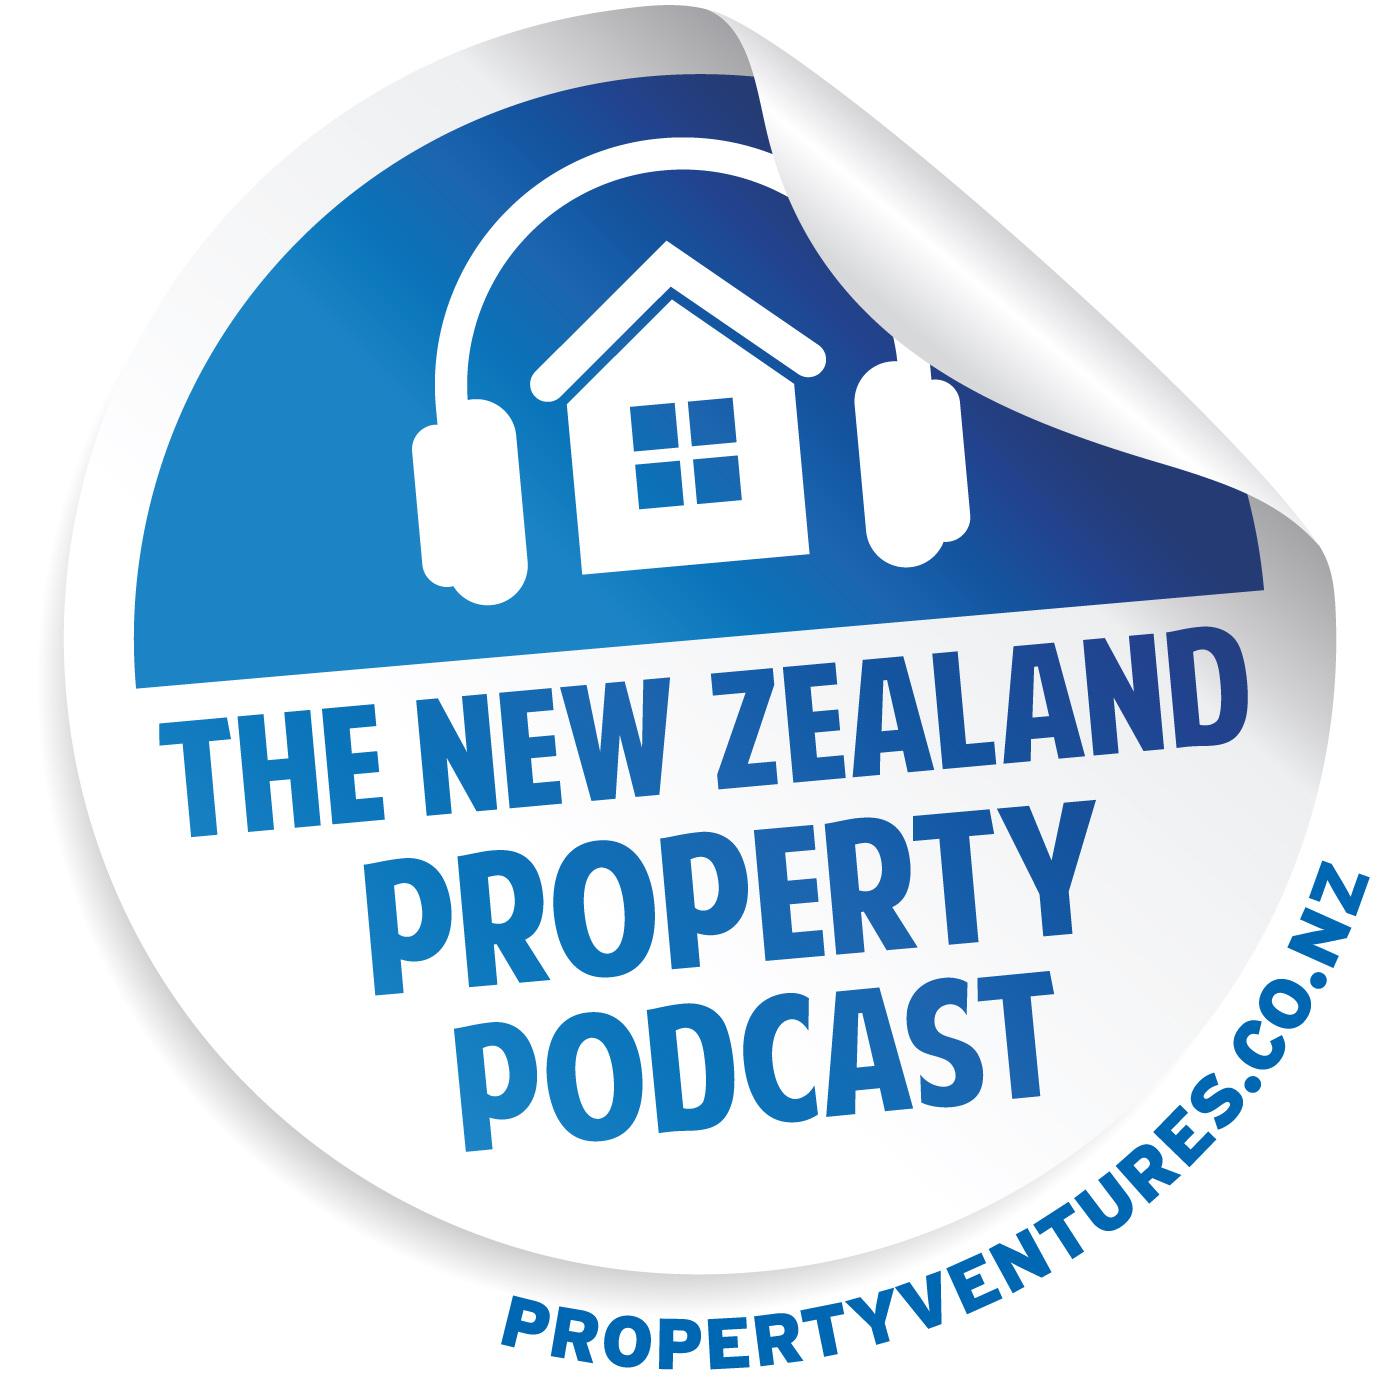 New Zealand Property Podcast: Episode 93